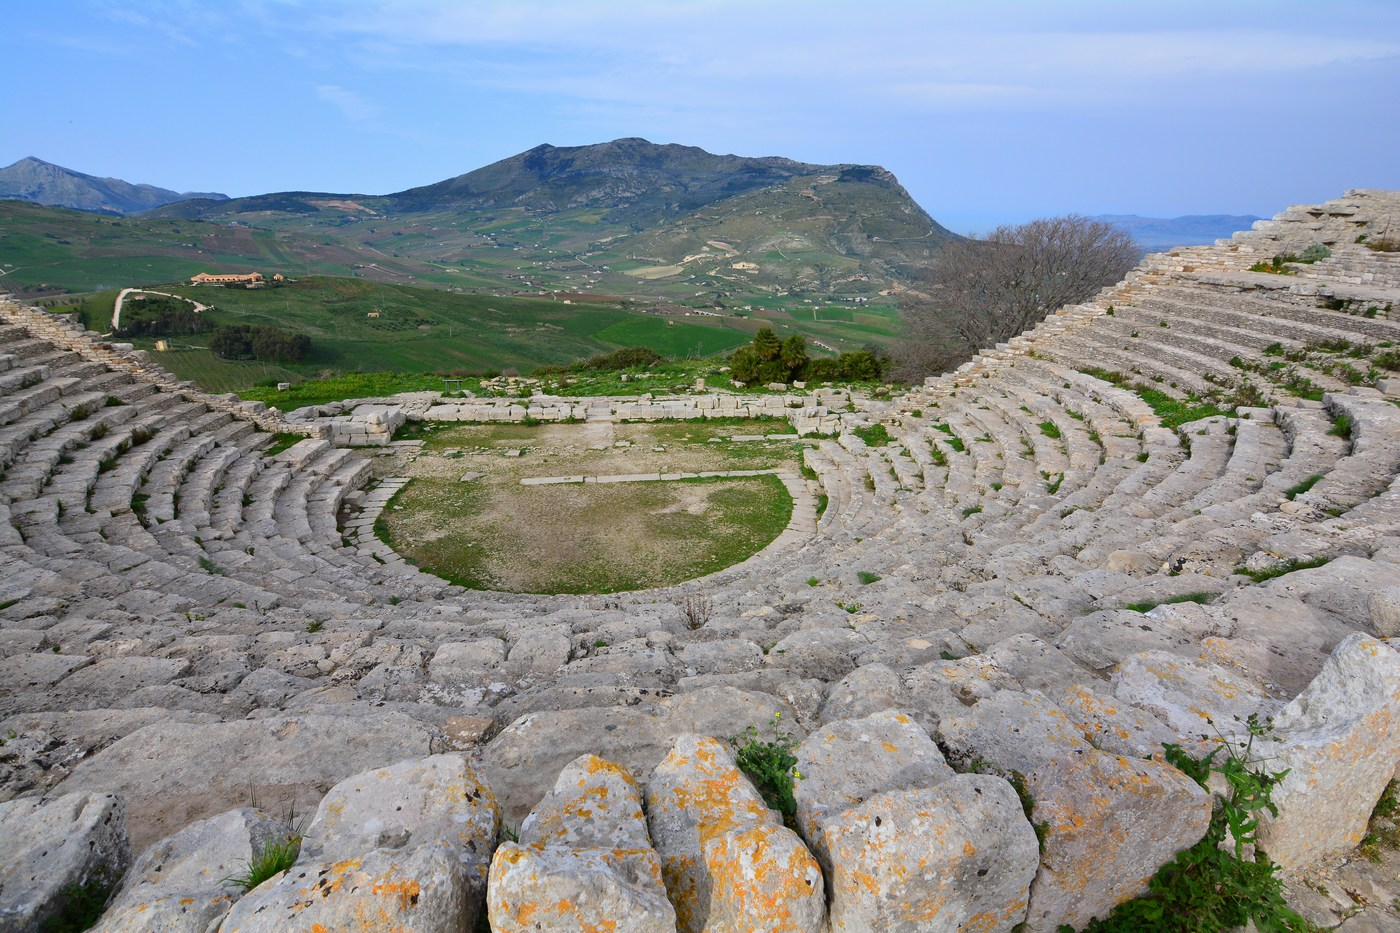 Vue d'ensemble du théâtre avec vue sur les collines.